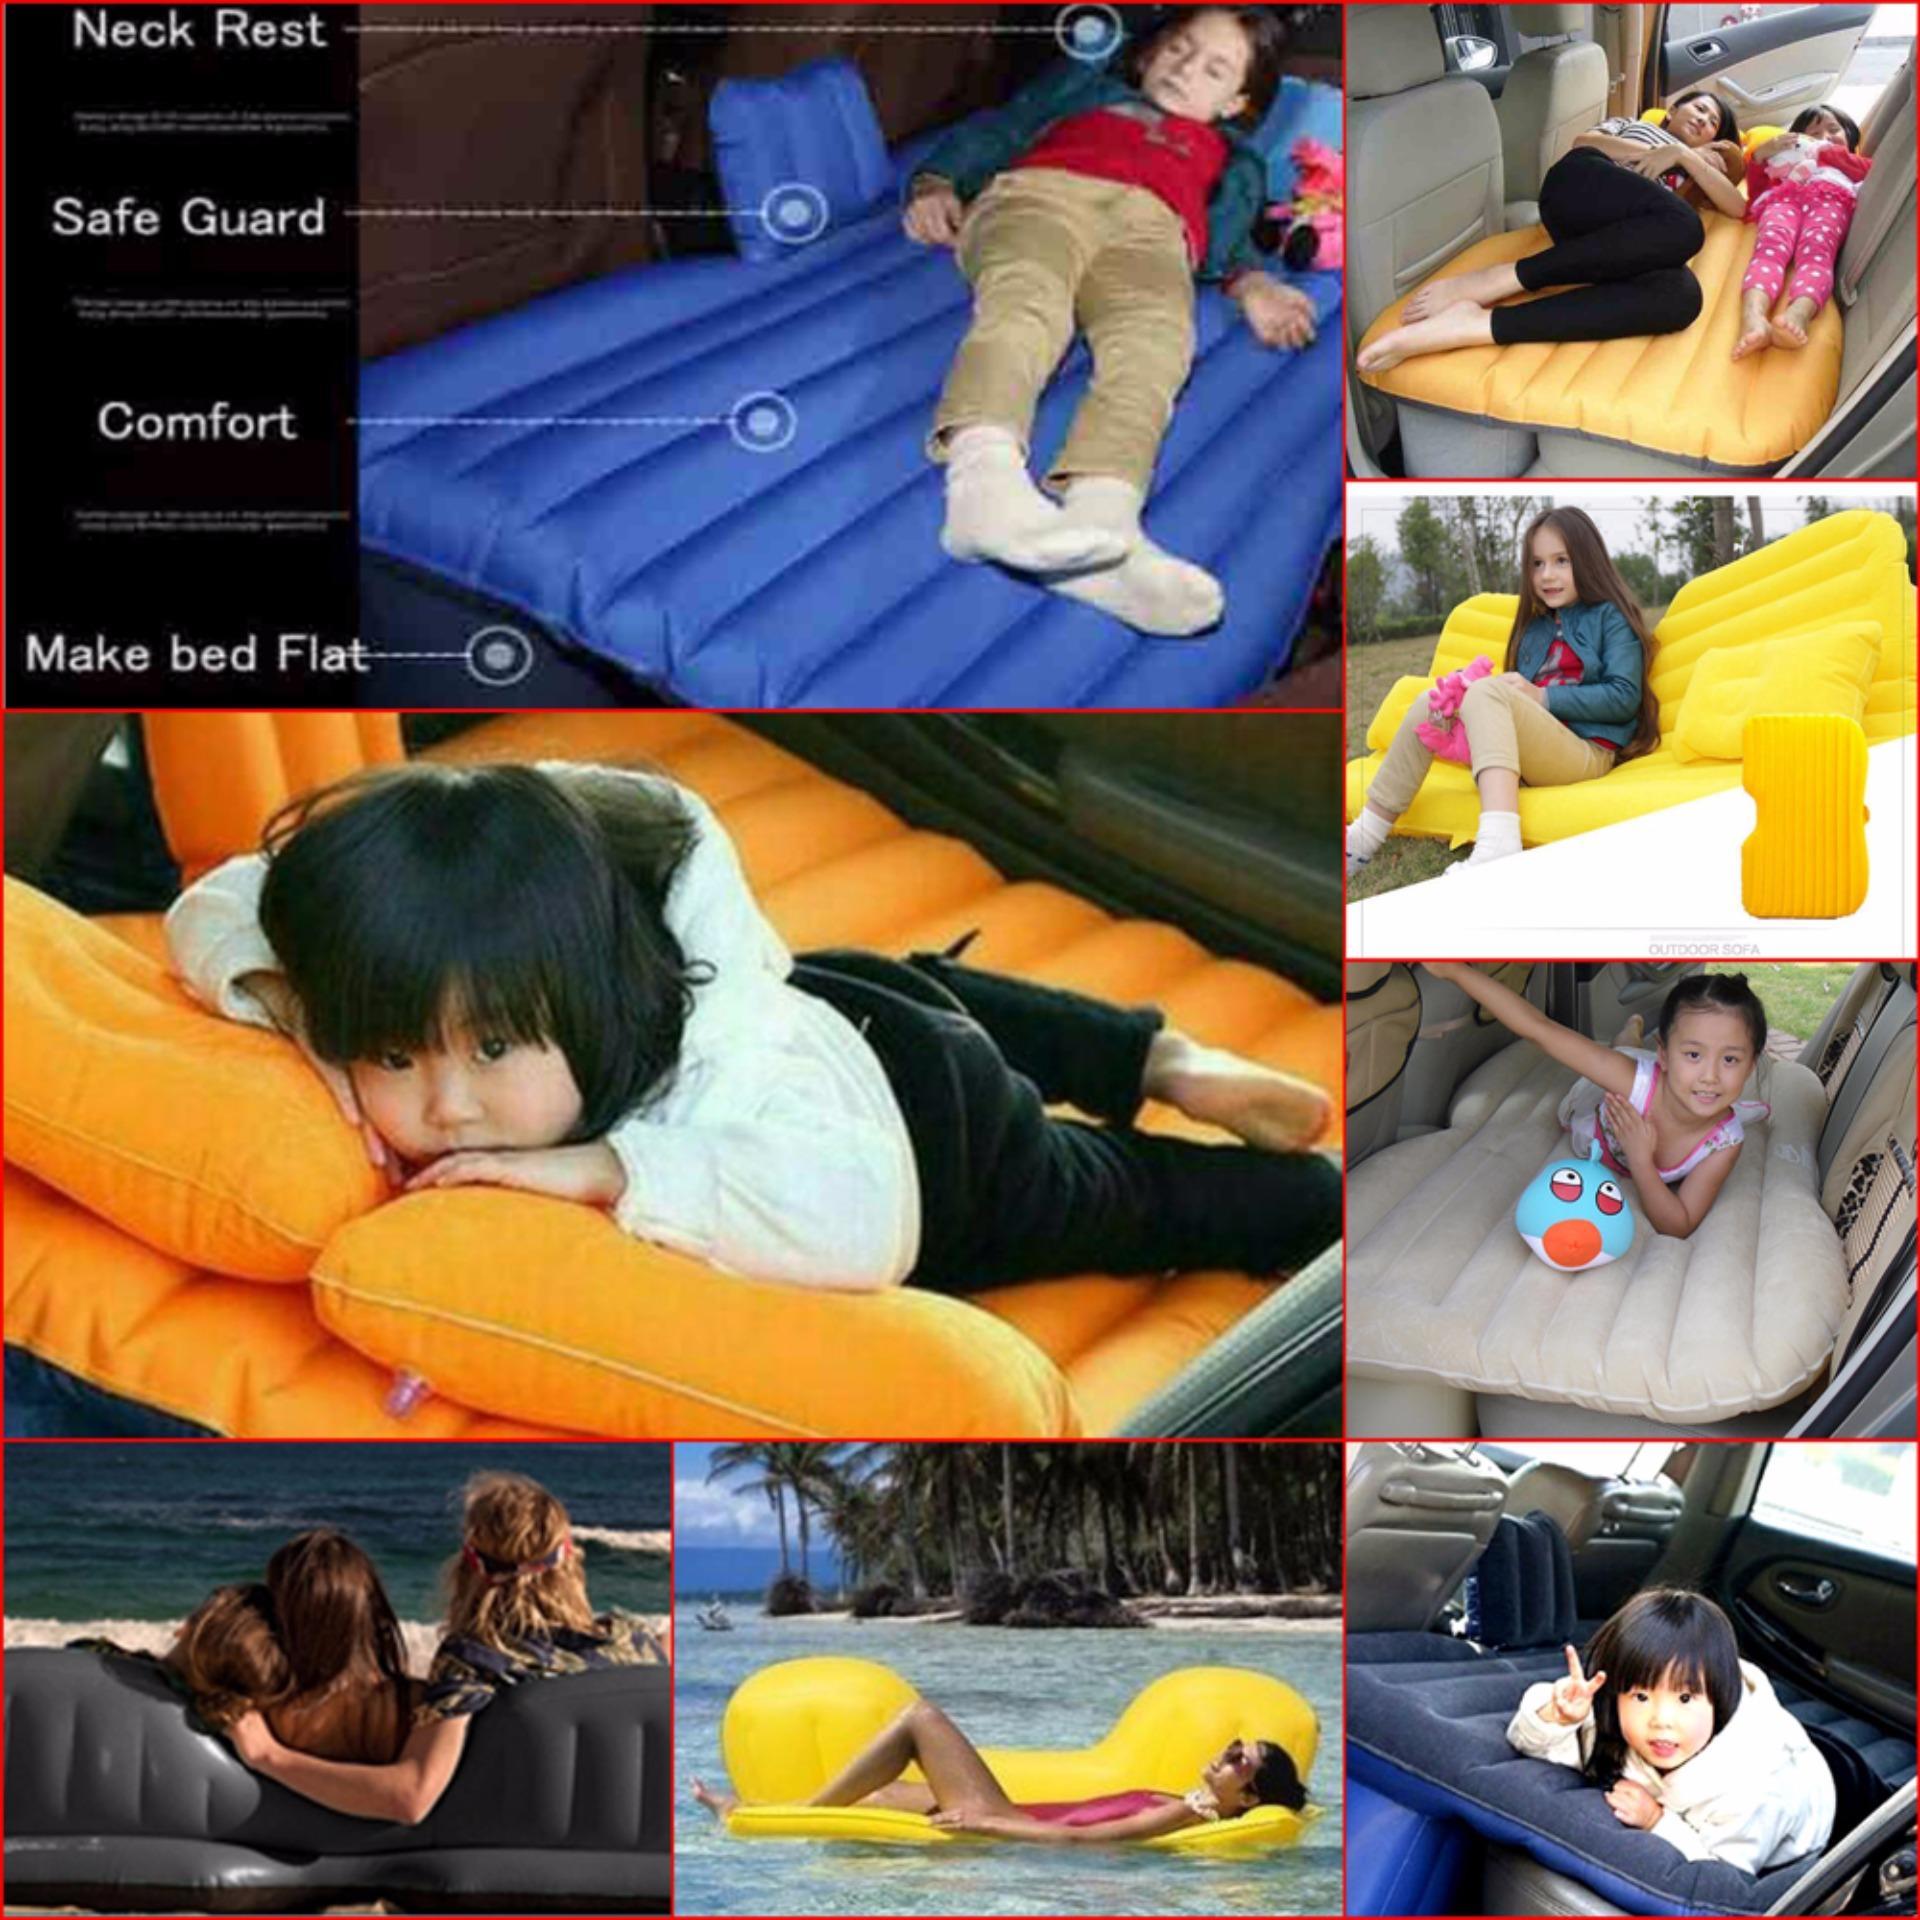 Kasur Mudik Lebaran Kasur Anak Car Air Bed Persiapan Mudik Pulang Kampung Tempat Tidur di Mobil Kasur Mobil Orange